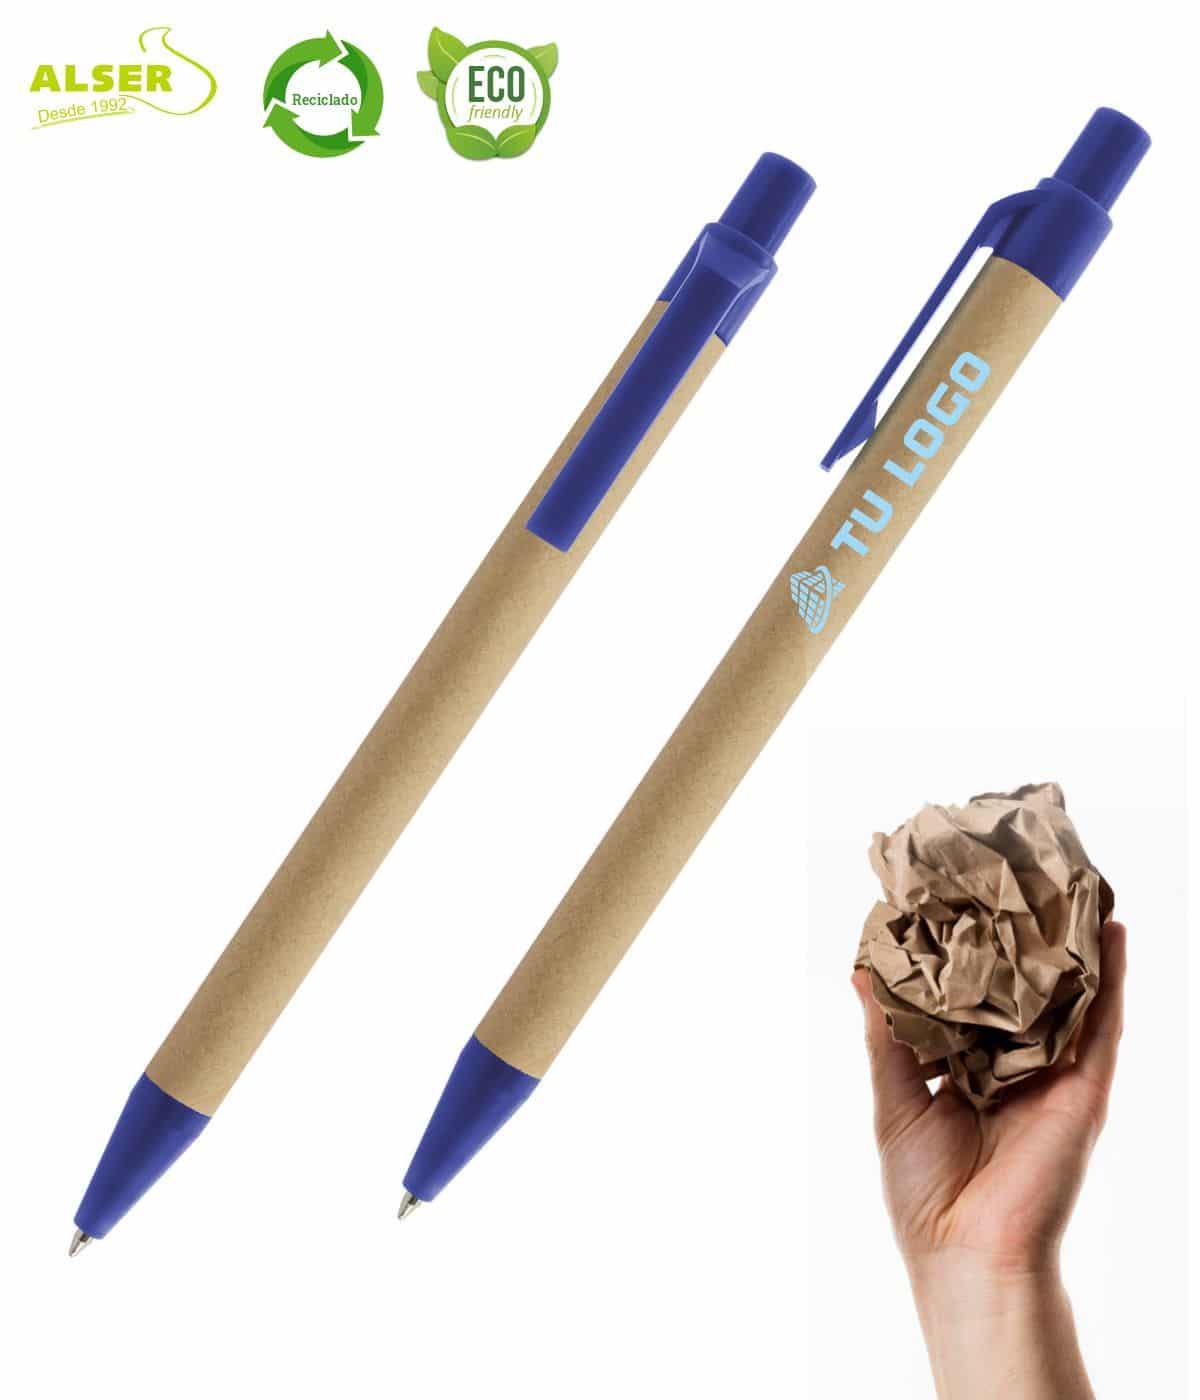 Bolígrafo de carton reciclado Azul